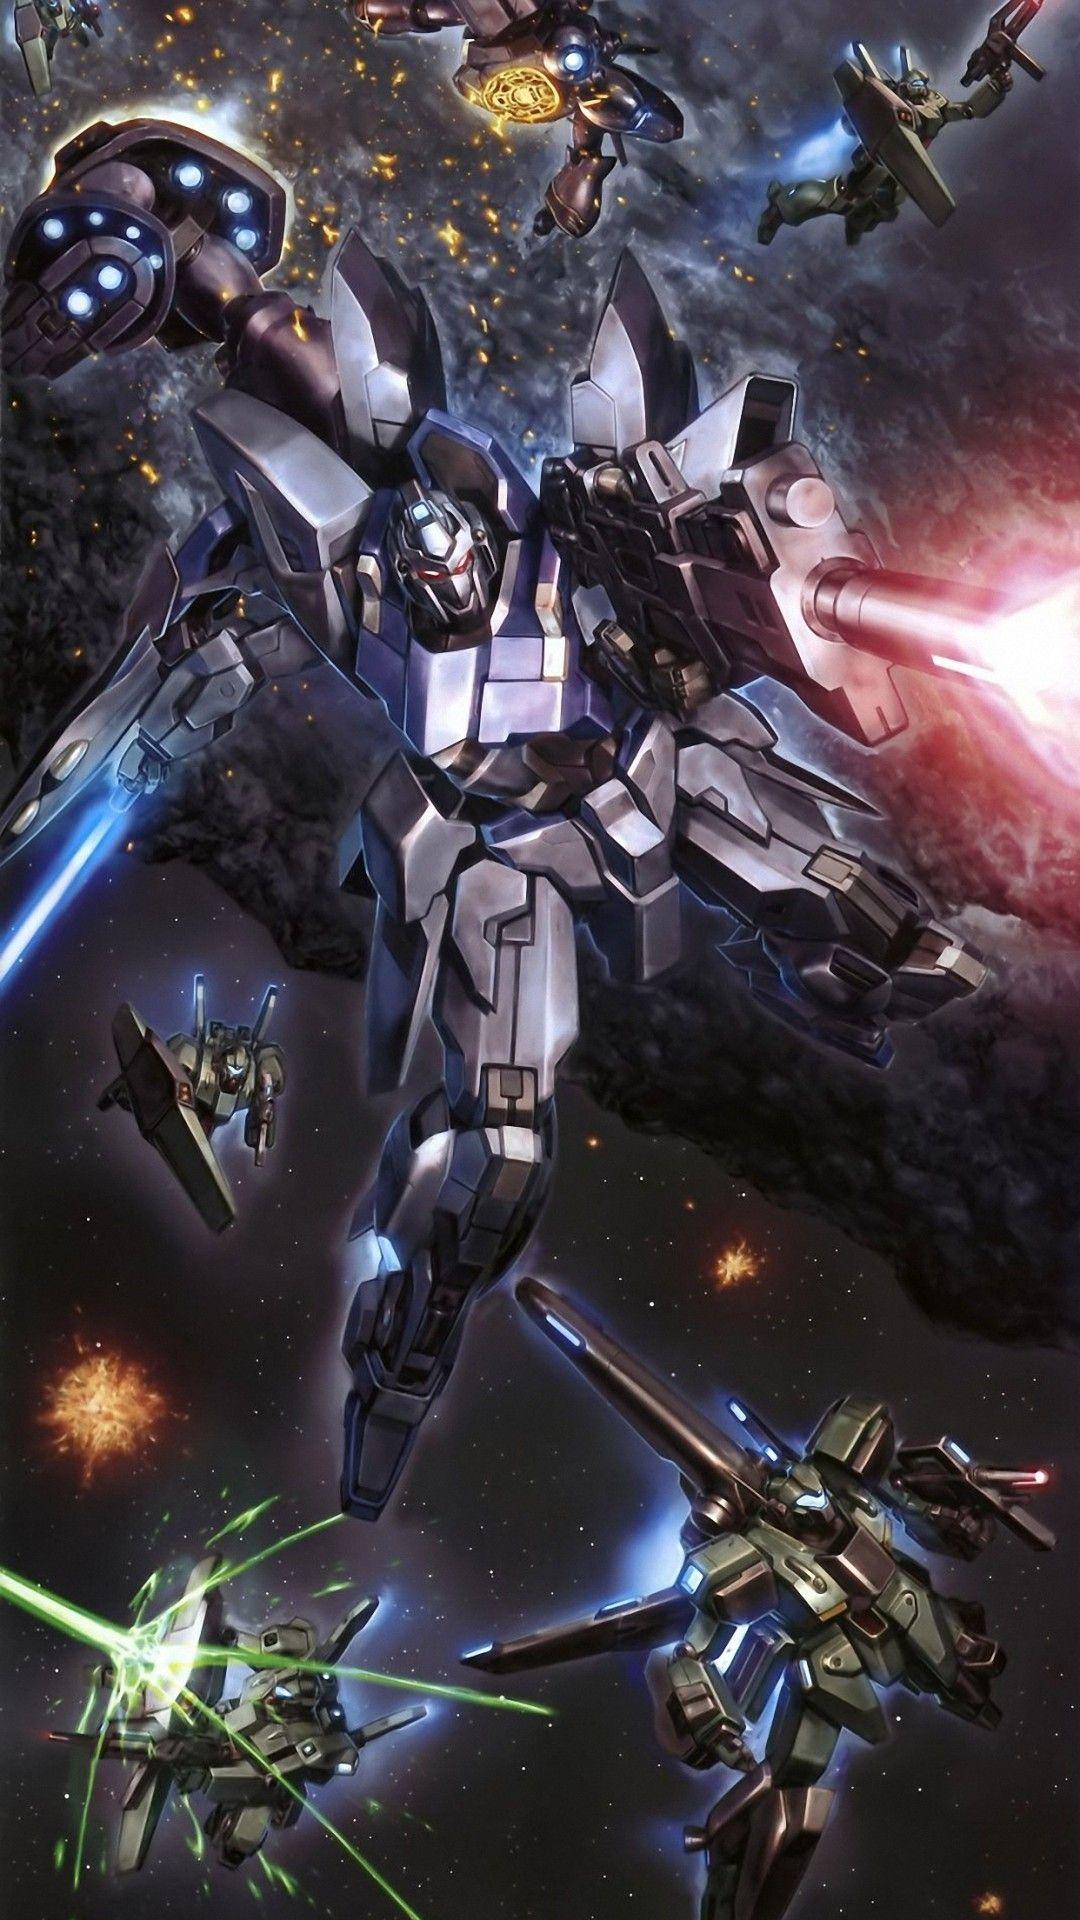 Gundam Wallpaper Hd 1080x19 Download Hd Wallpaper Wallpapertip